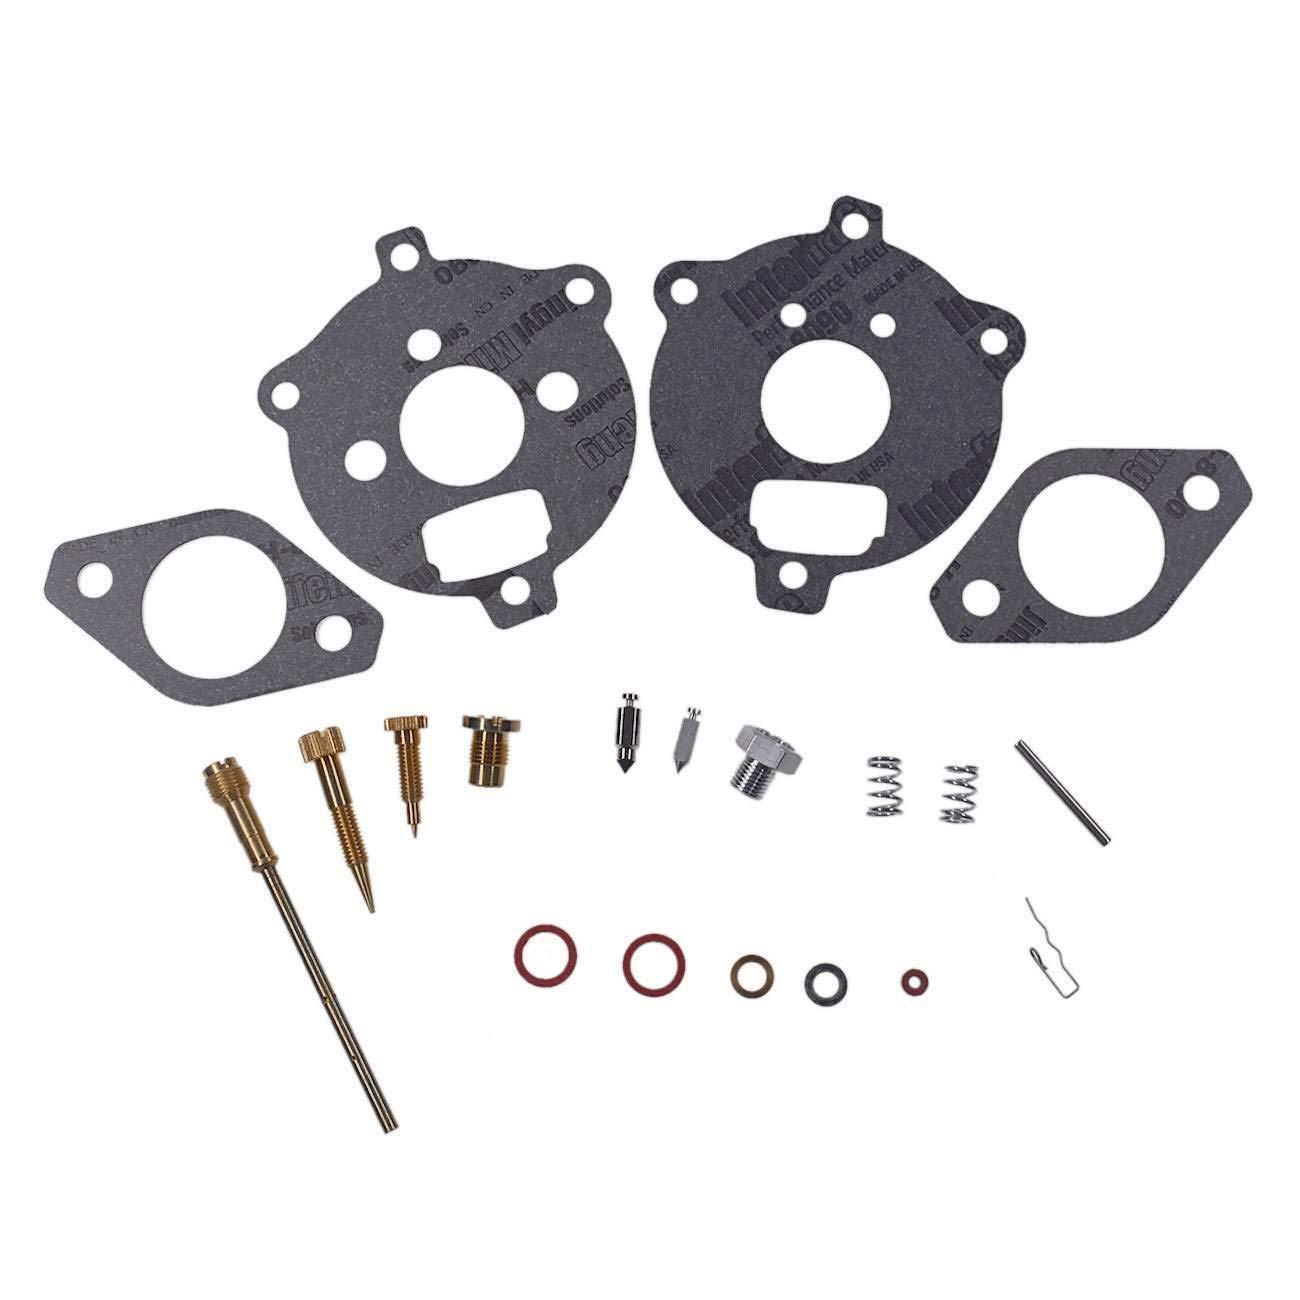 FidgetKute Carburetor Repair Rebuild Kit for Briggs & Stratton 190430 190431 190432